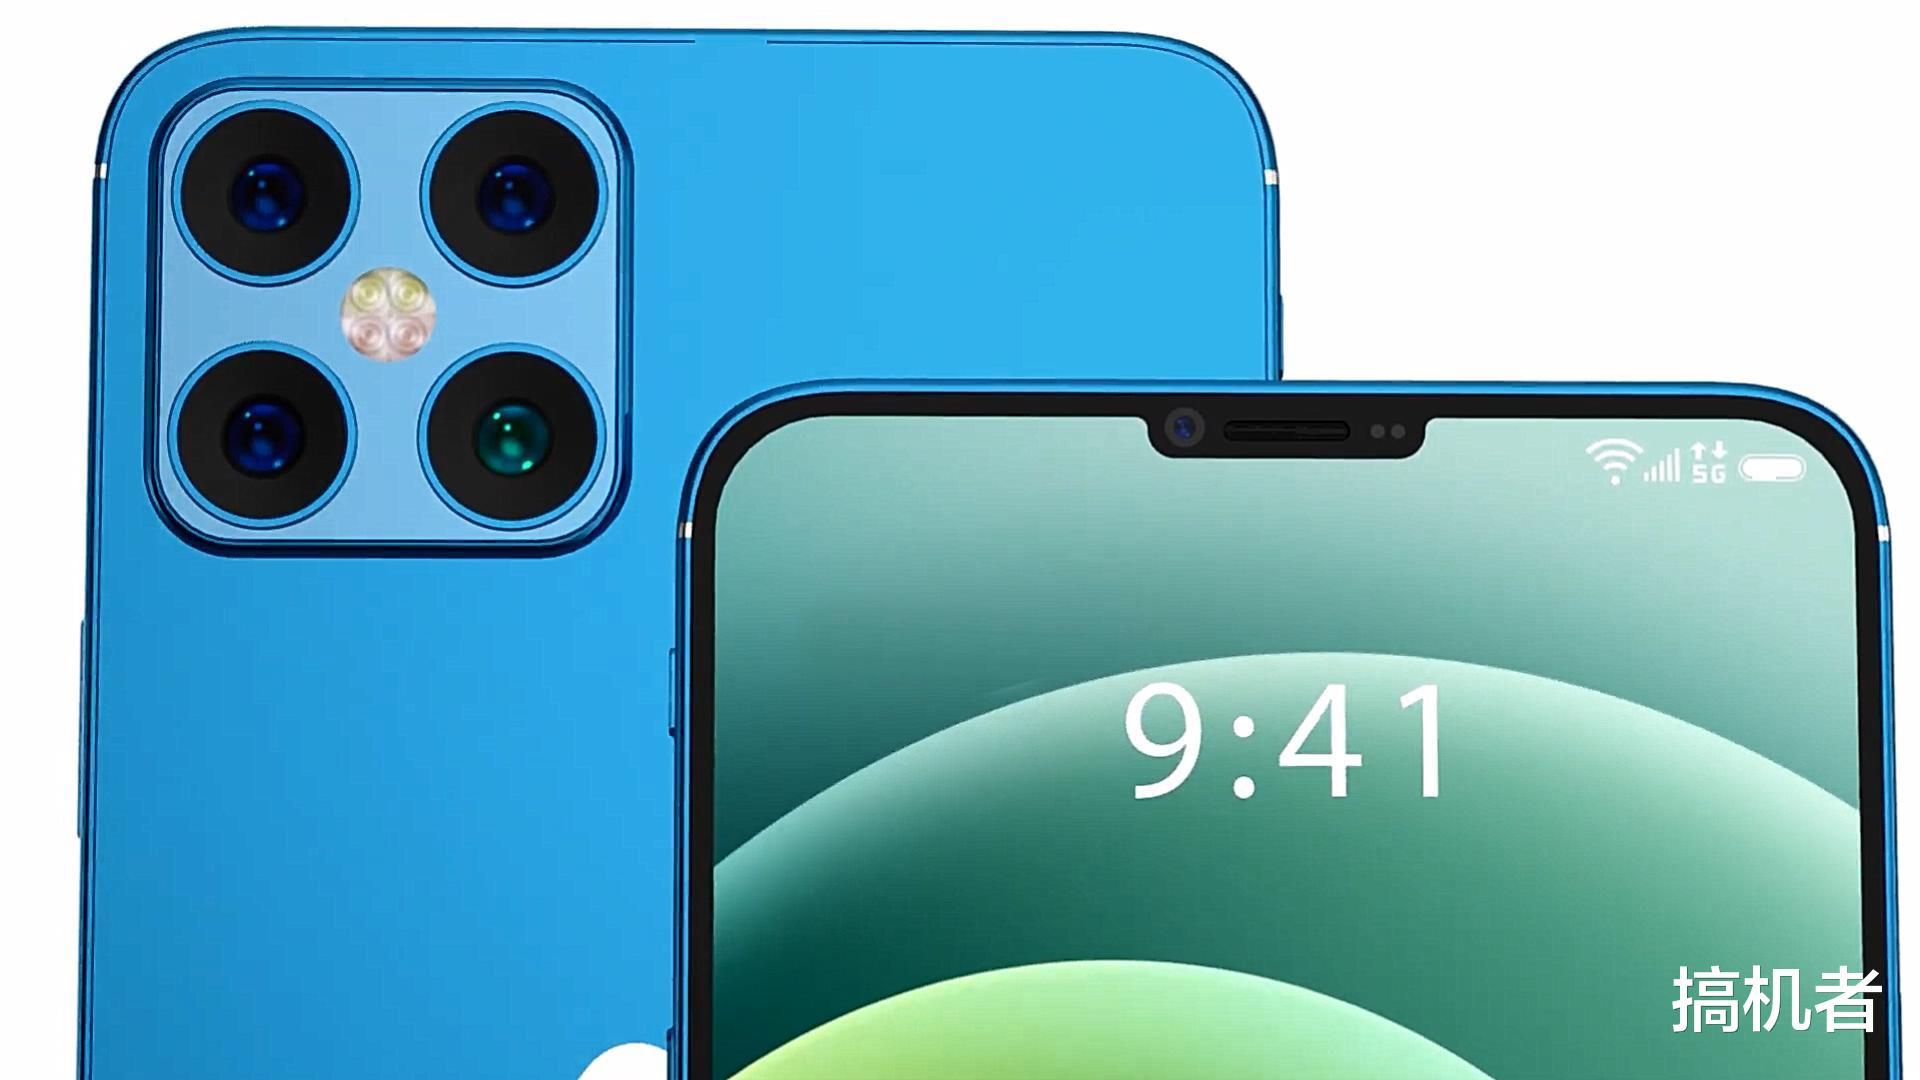 这些变化让iPhone13Pro发布,你觉得卖多少钱合适呢? 好物评测 第5张